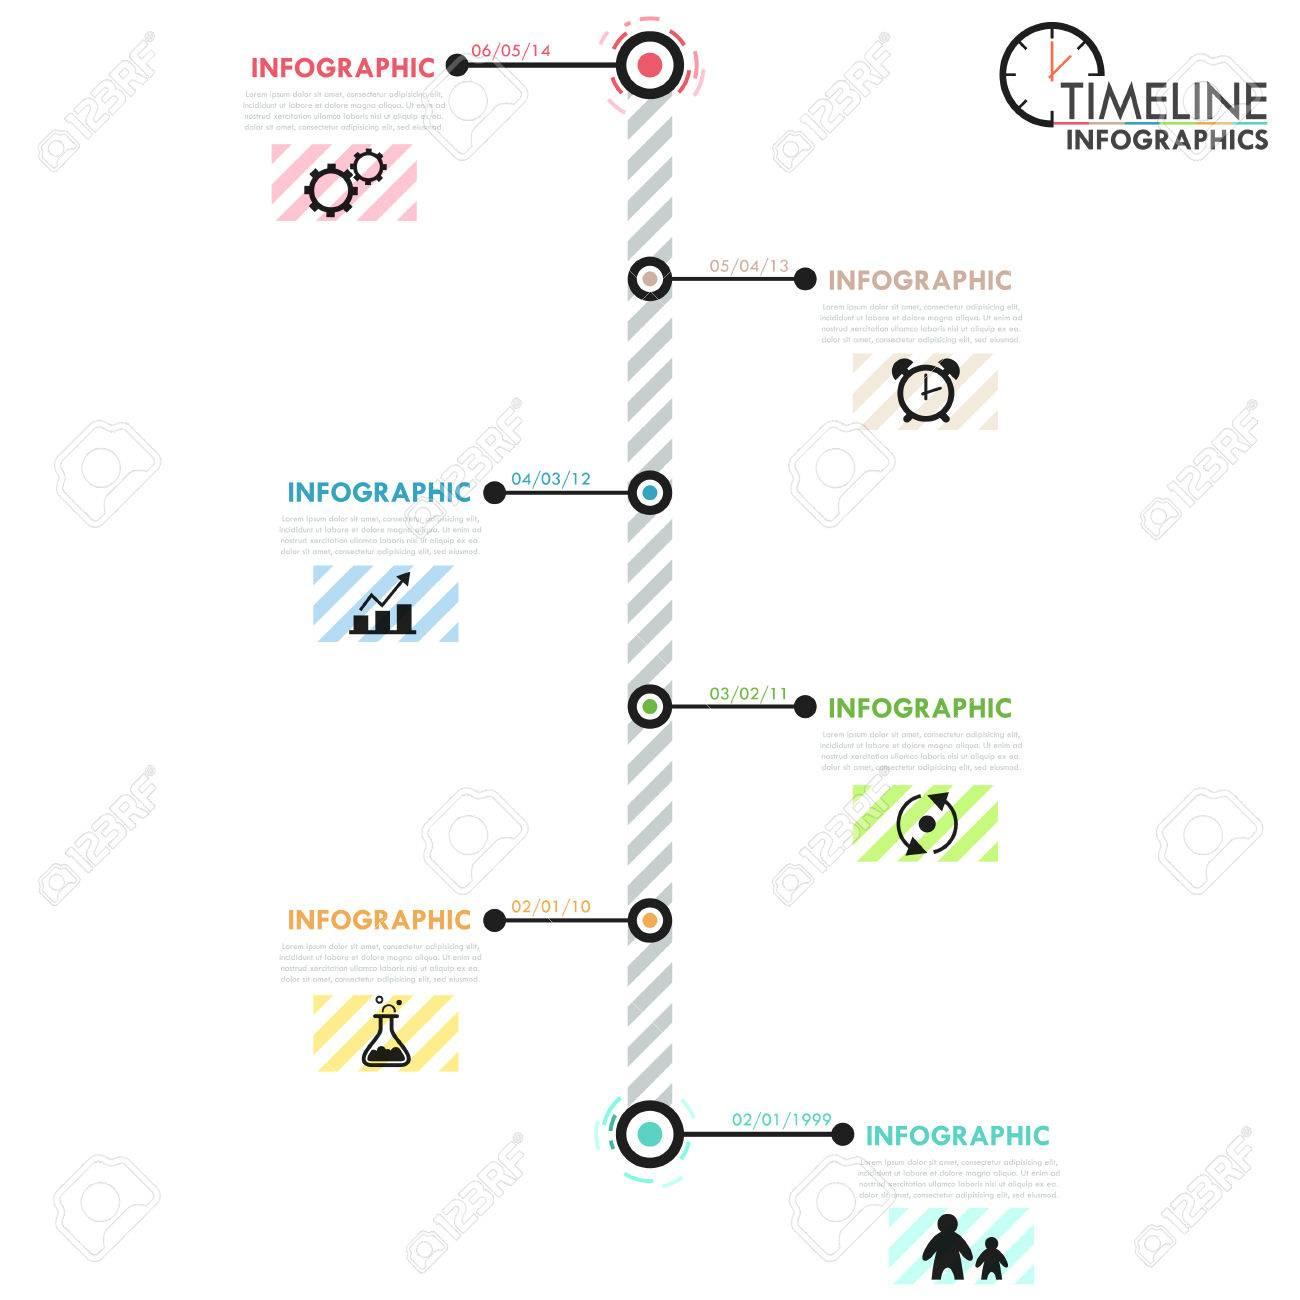 Minimal Infografik Timeline-Vorlage Mit Einfachen Formen, Kreise ...